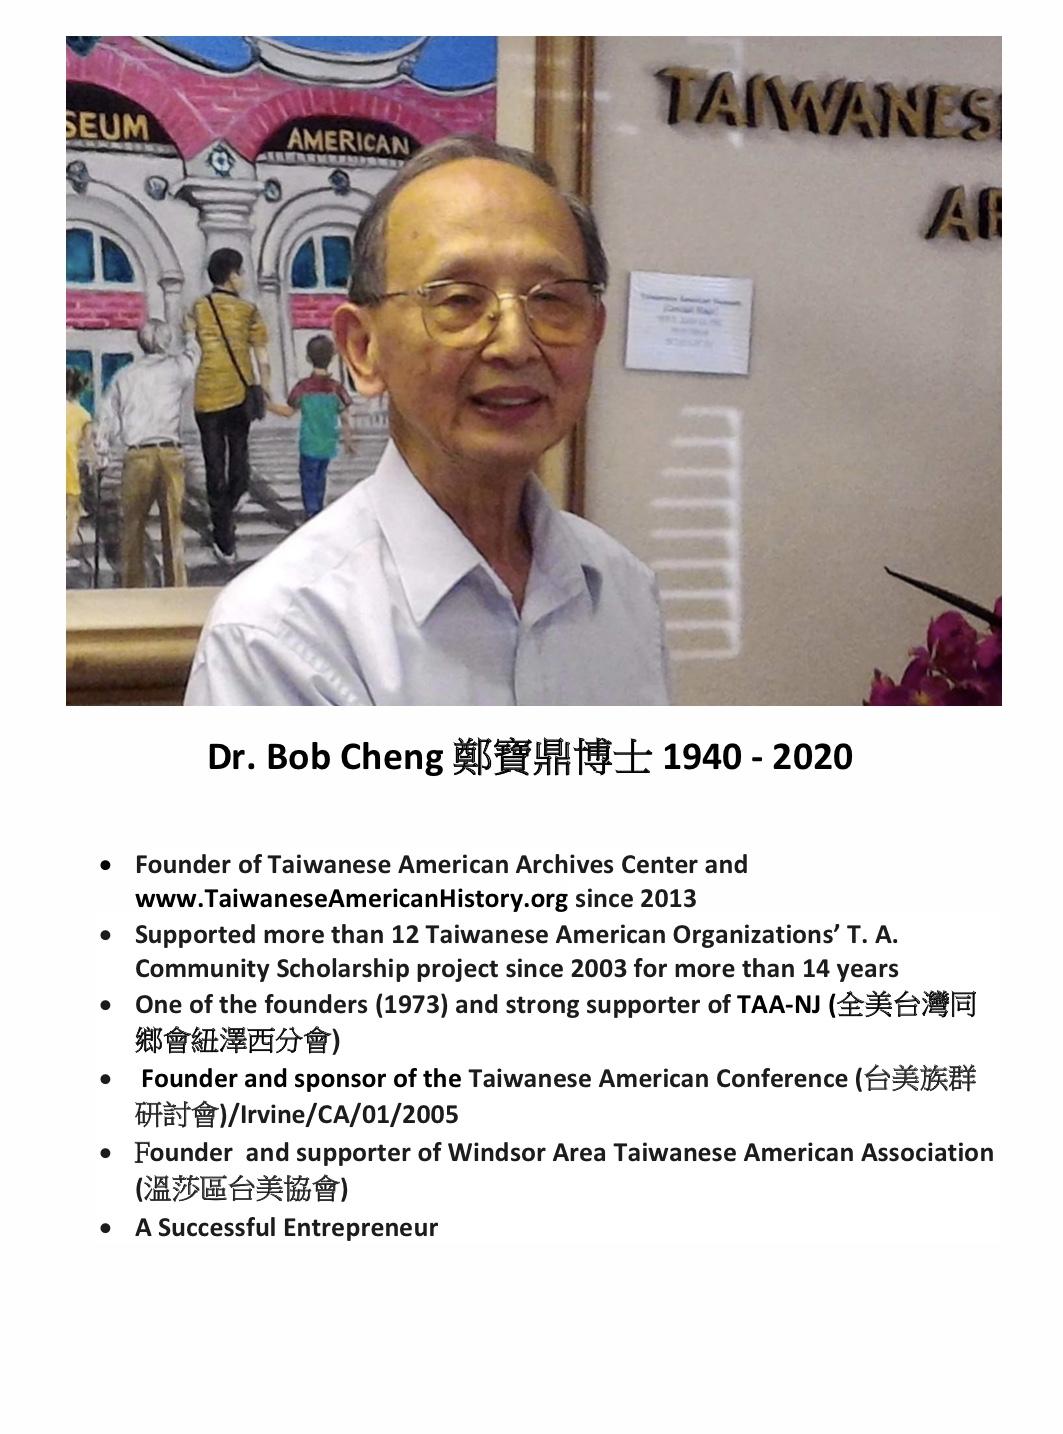 300. Dr. Bob Cheng 鄭寶鼎博士 1940-2020